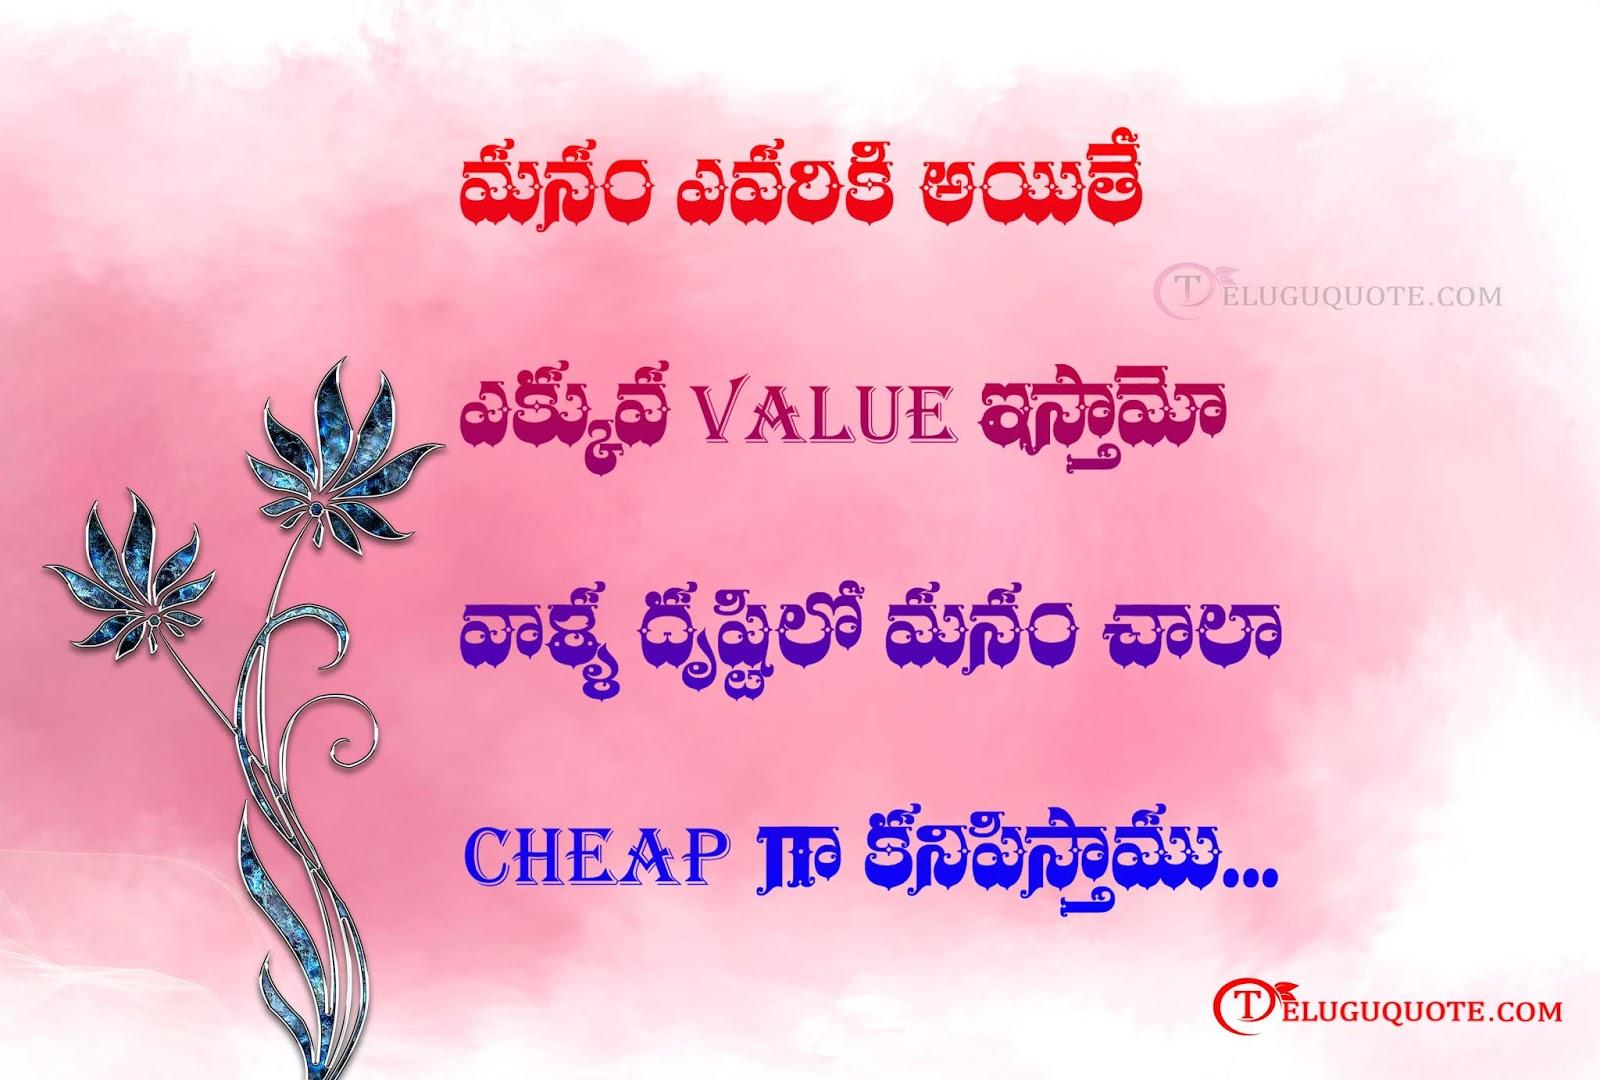 Telugu Sad Quotes In Love Failure Telugu Quotes